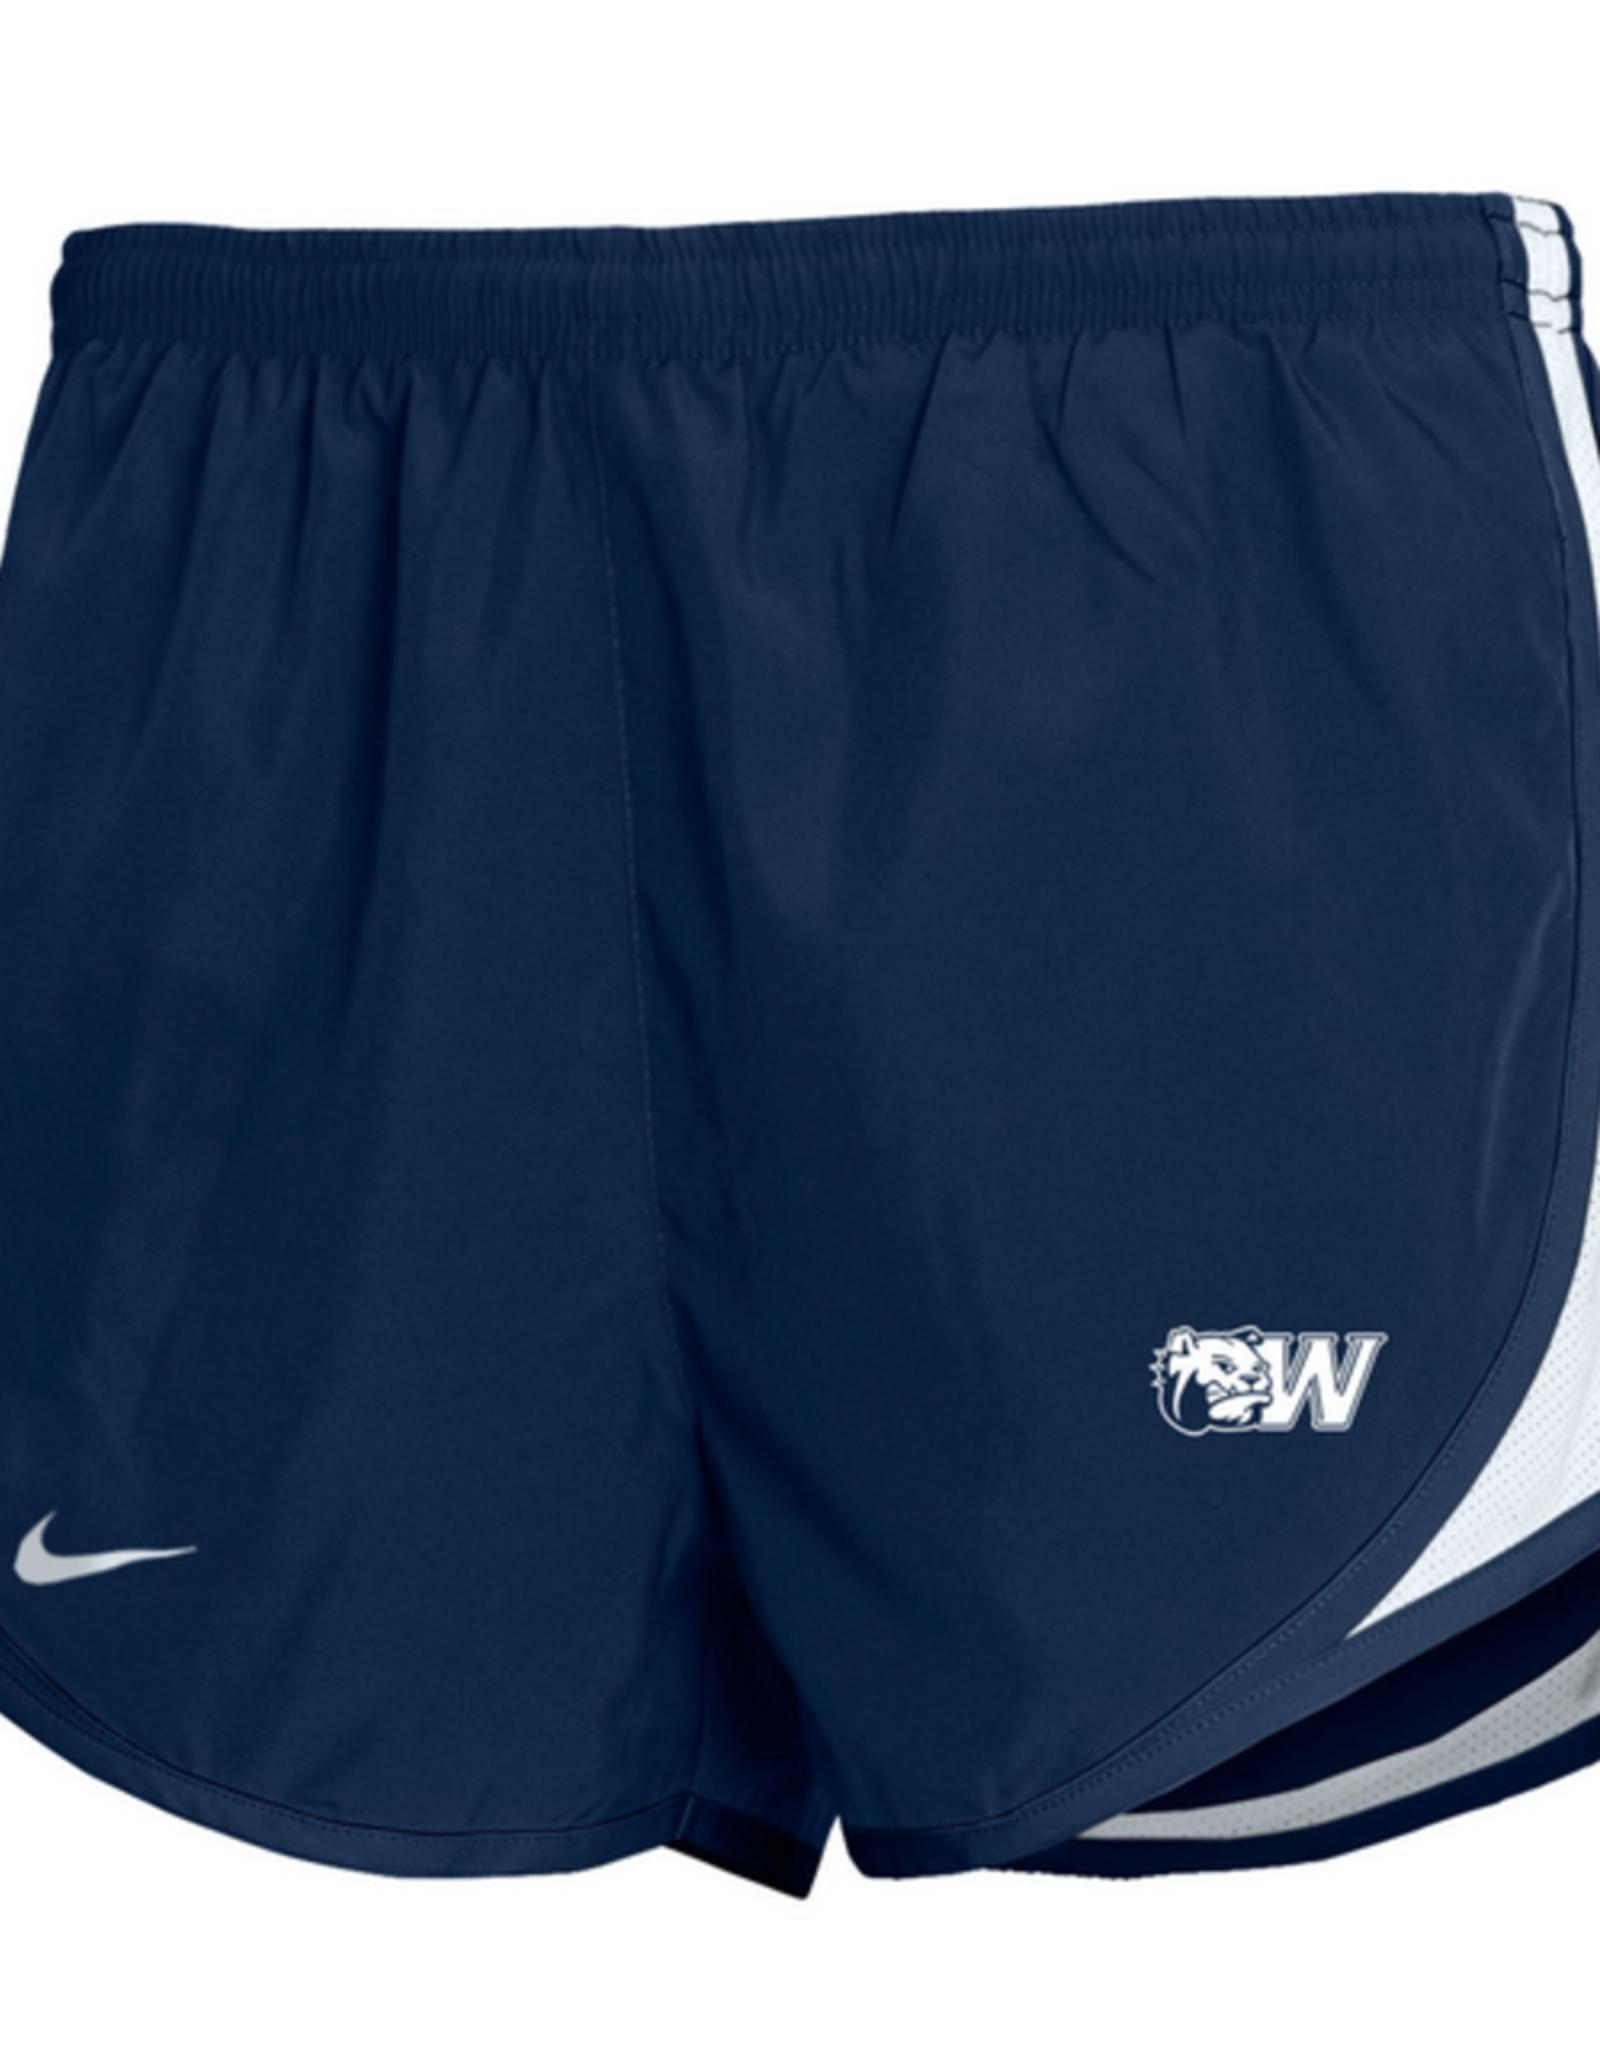 Nike Youth Navy Tempo Shorts